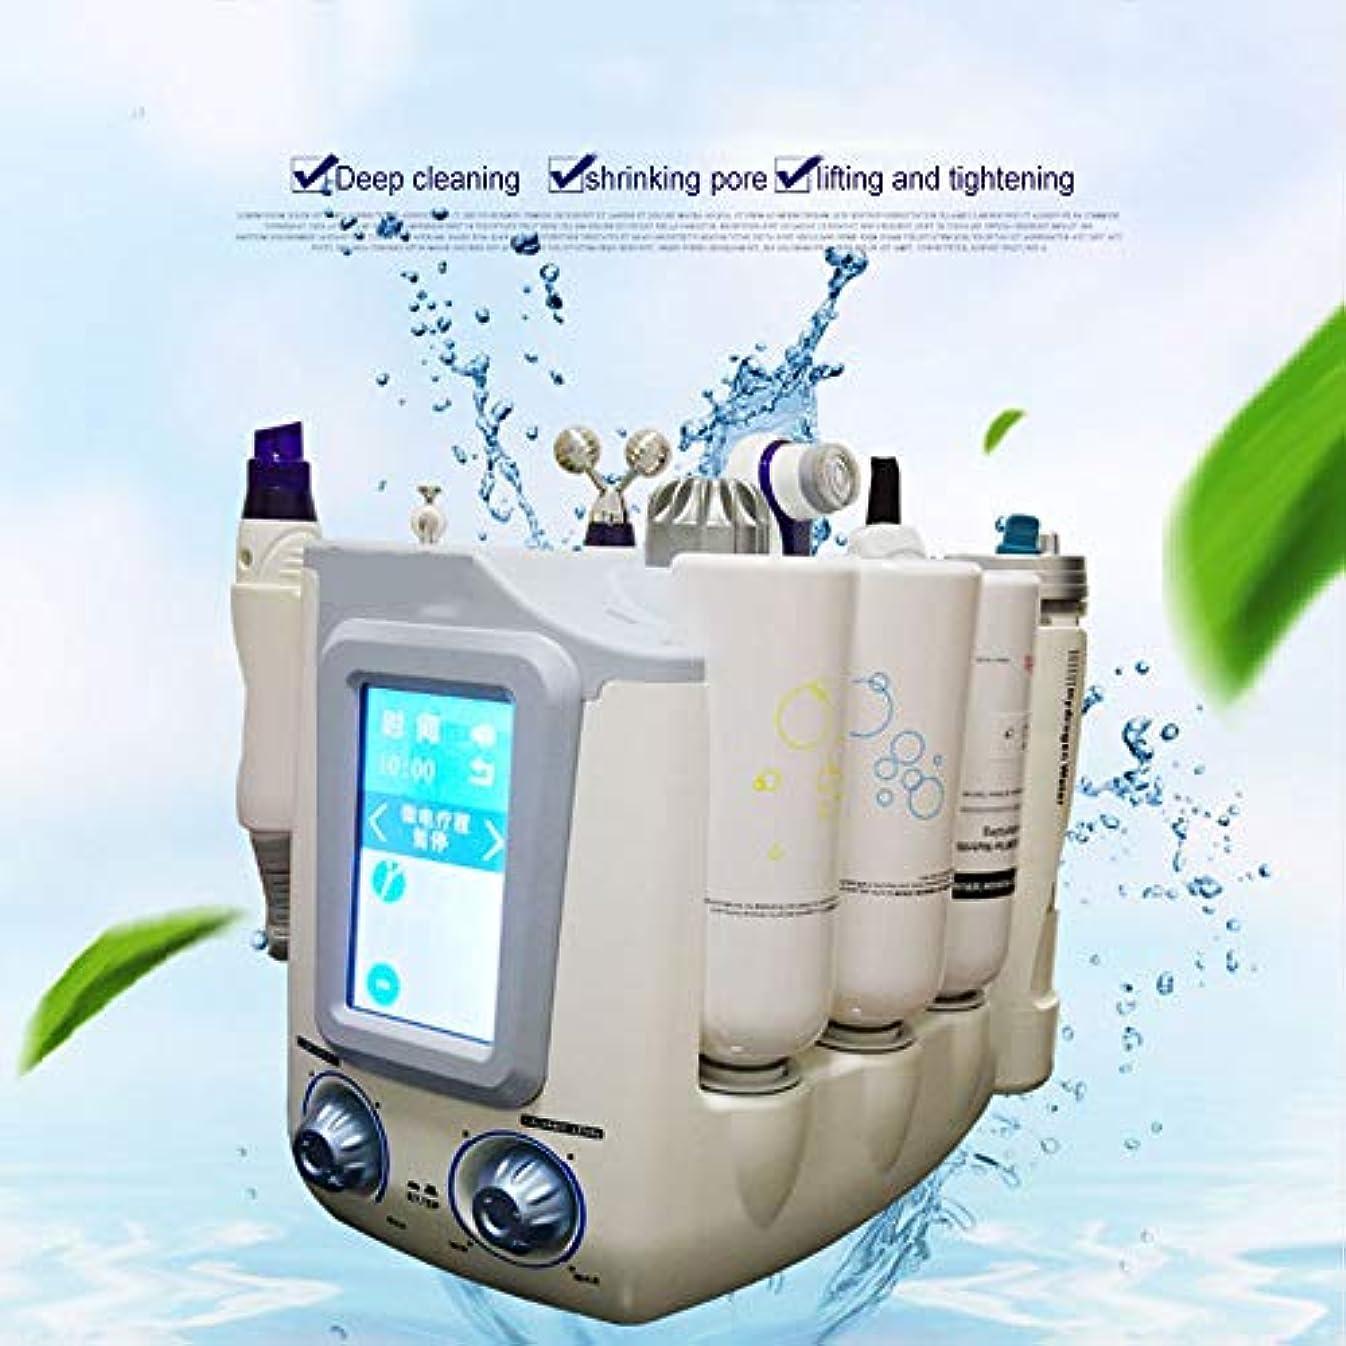 ファンブル誠実無限大顔の美のスキンケア、水素の酸素の小さい泡Hydrofacial 6 1の多機能のスキンクリーナー、顔のクリーニングのにきびの若返りの美機械